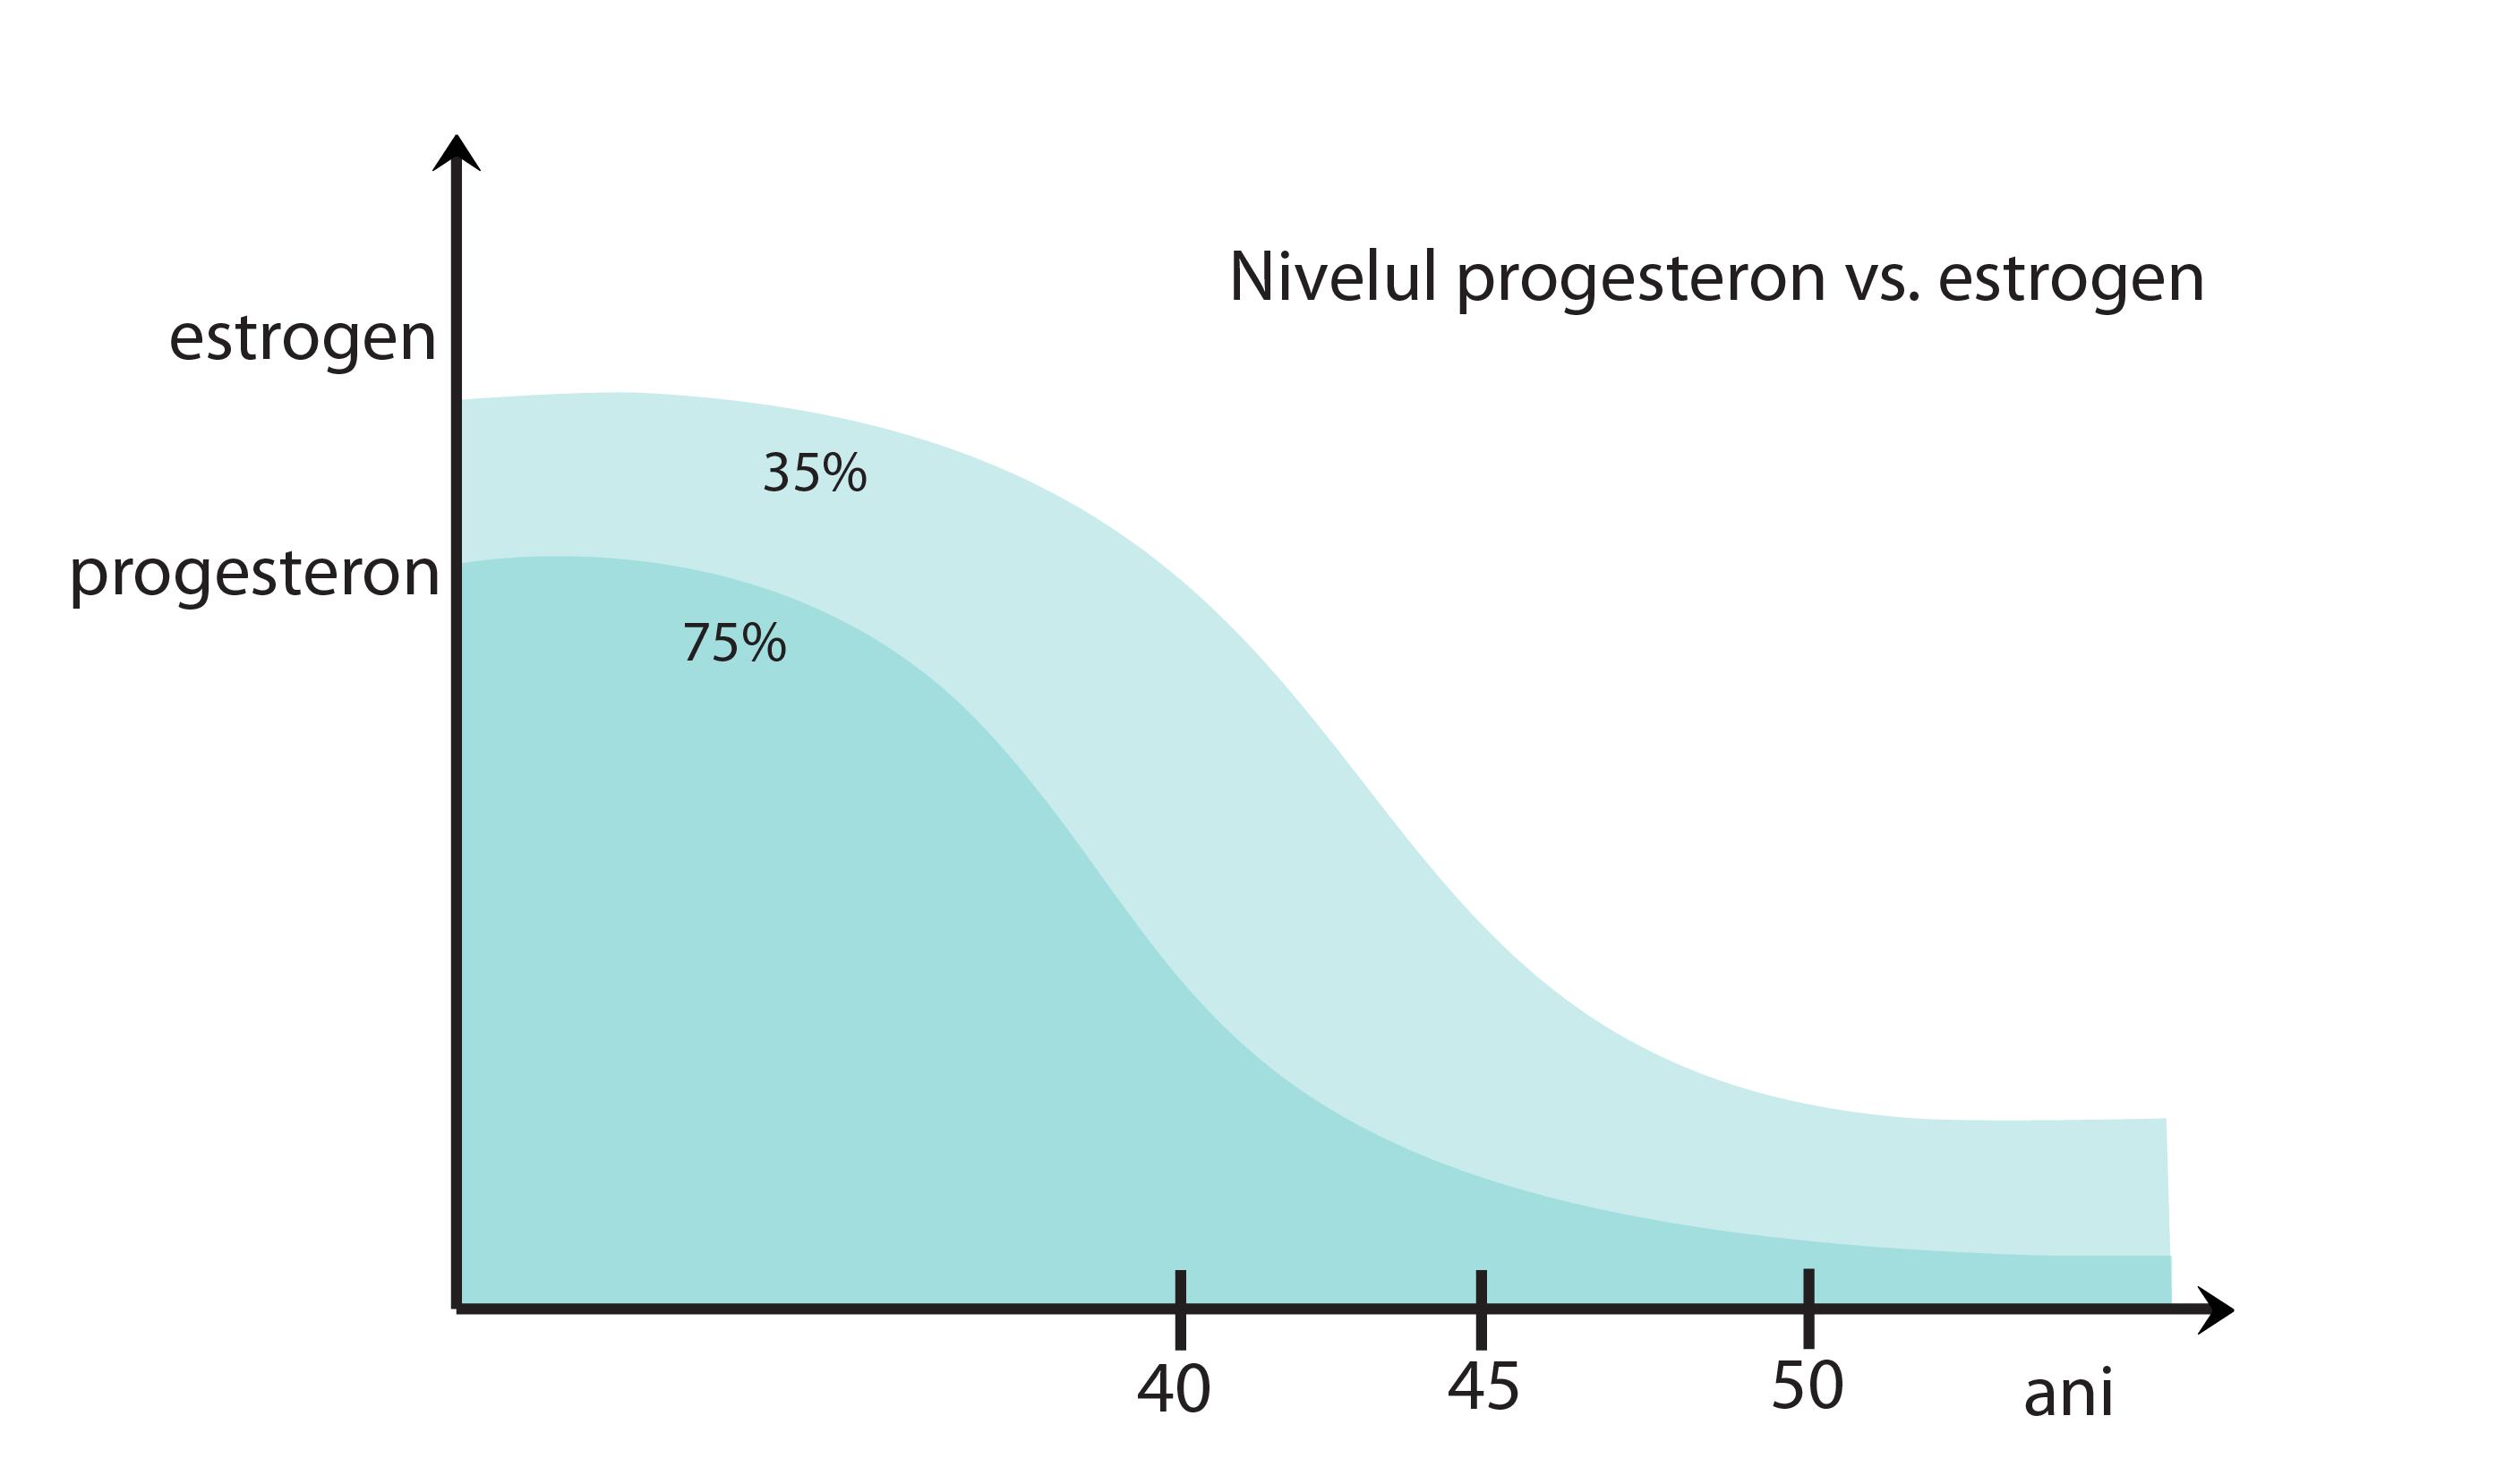 cremă de progesteron și articulații